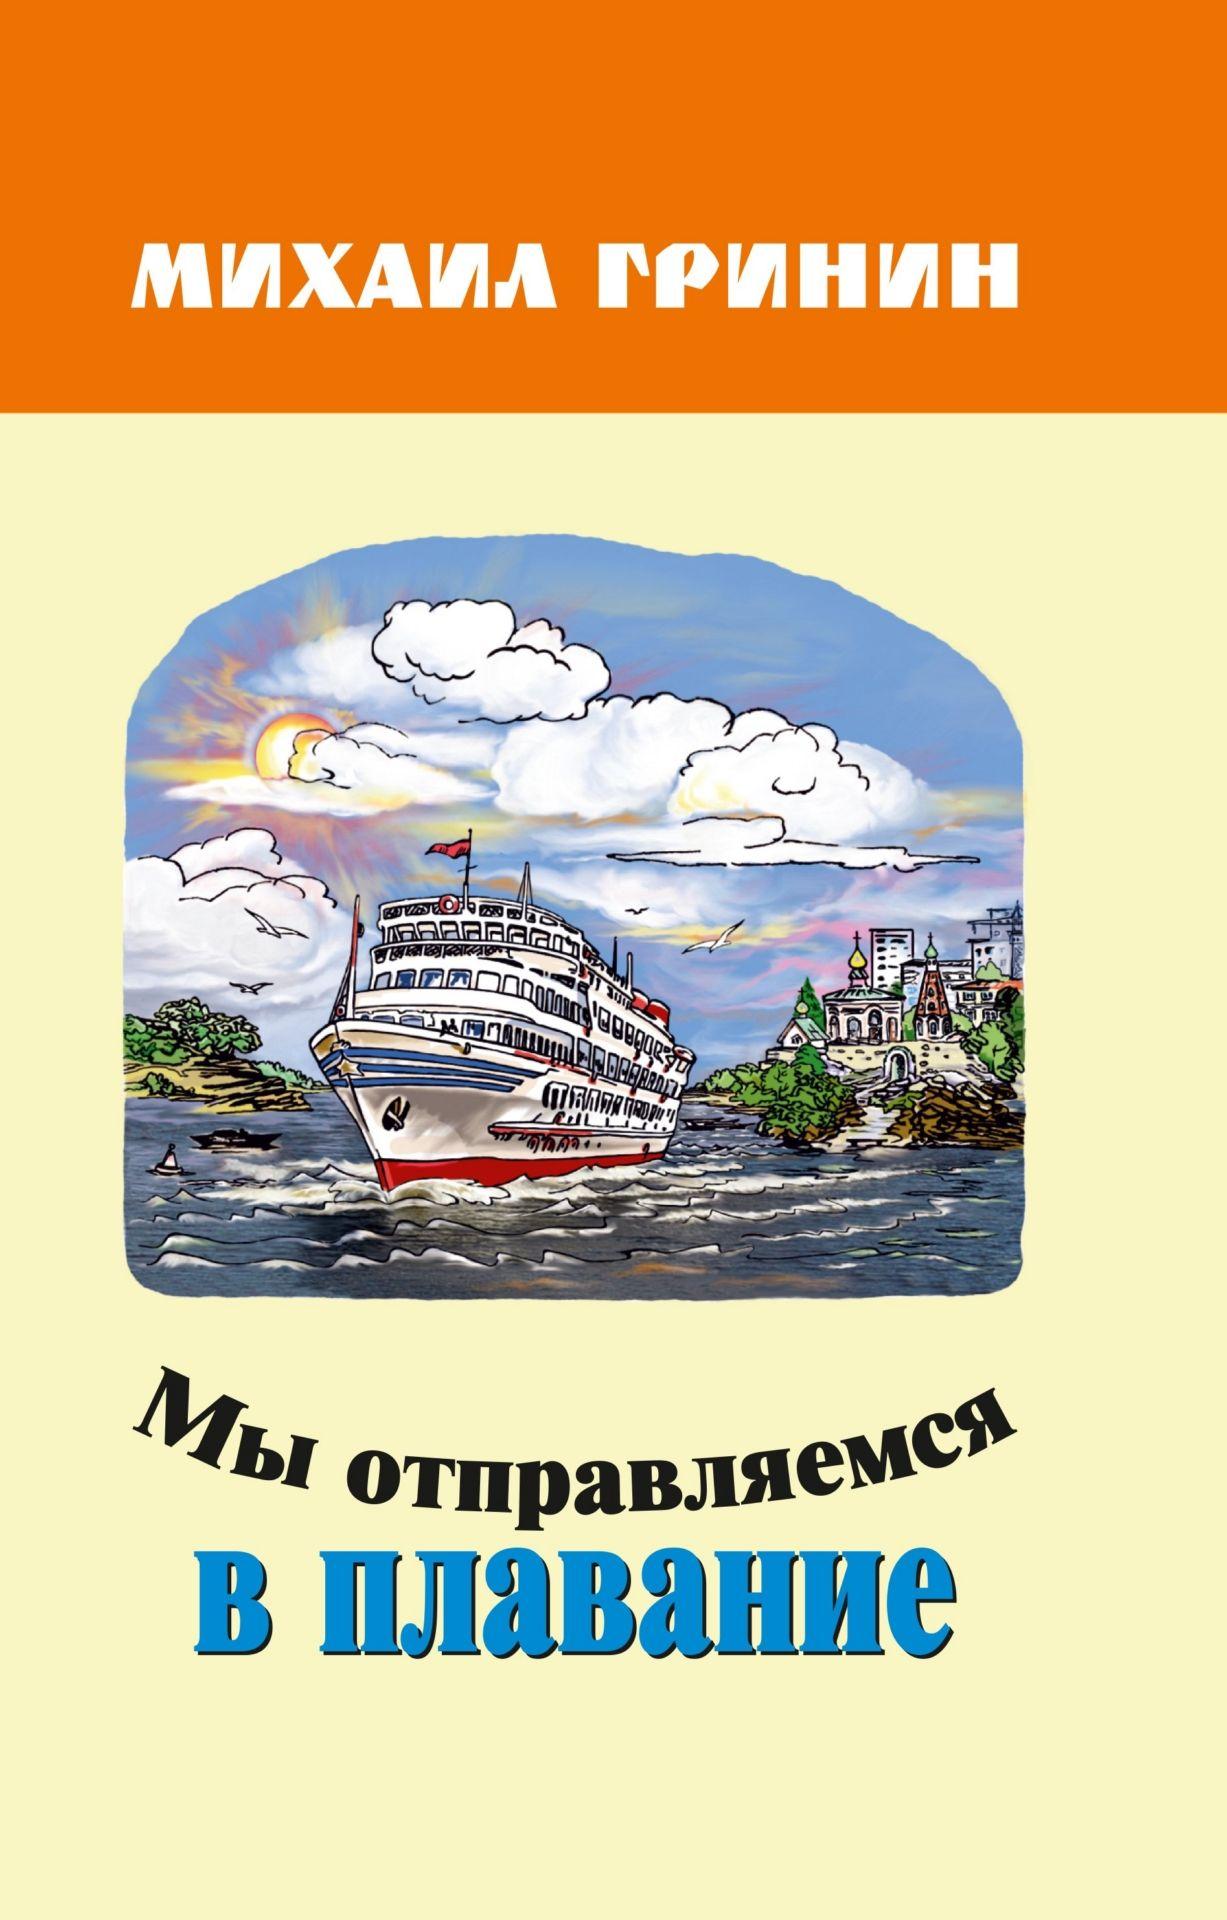 Купить со скидкой Мы отправляемся в плавание. Стихи, повести, рассказы, очерки для детей и юношества